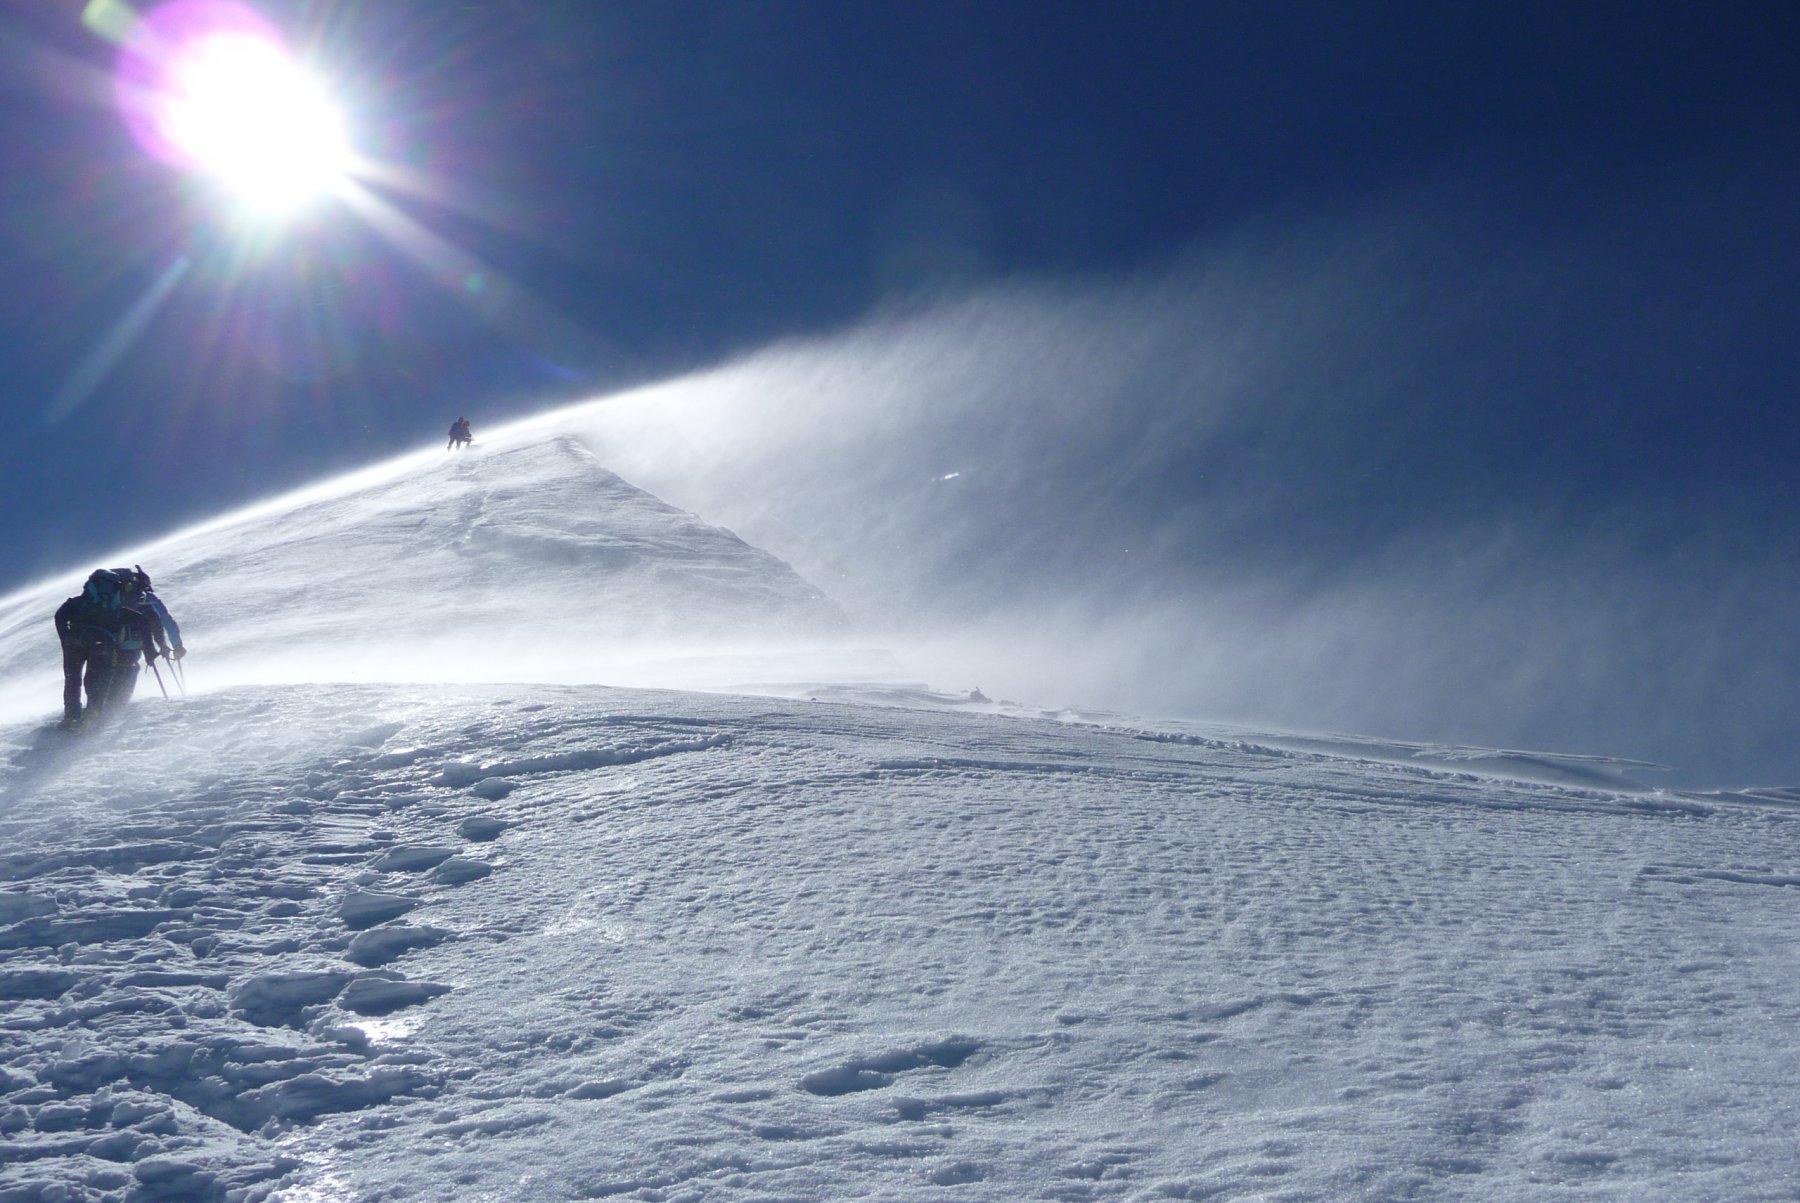 vento sulla cresta(foto Riccardo)